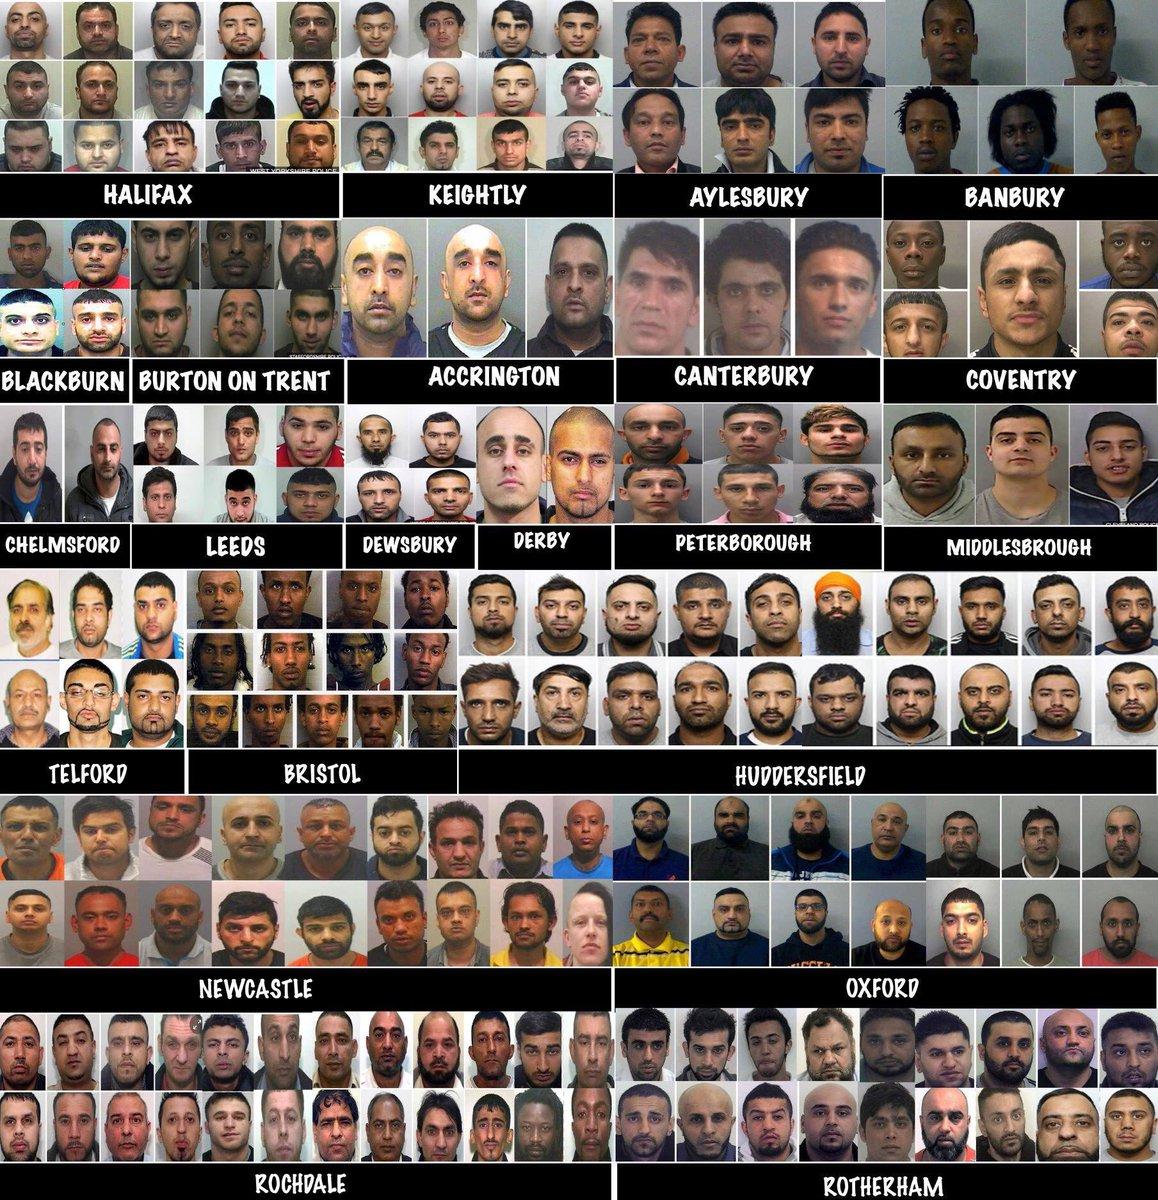 """Royaume-Uni, gangs pakistanais : 73 mineures signalées chaque jour aux services sociaux, """"Si quelque chose a changé, c'est que le problème a empiré"""", """"Le viol est presque décriminalisé"""". 27.000 filles mineures victimes d'abus sexuels…  l'immigration une chance ?"""